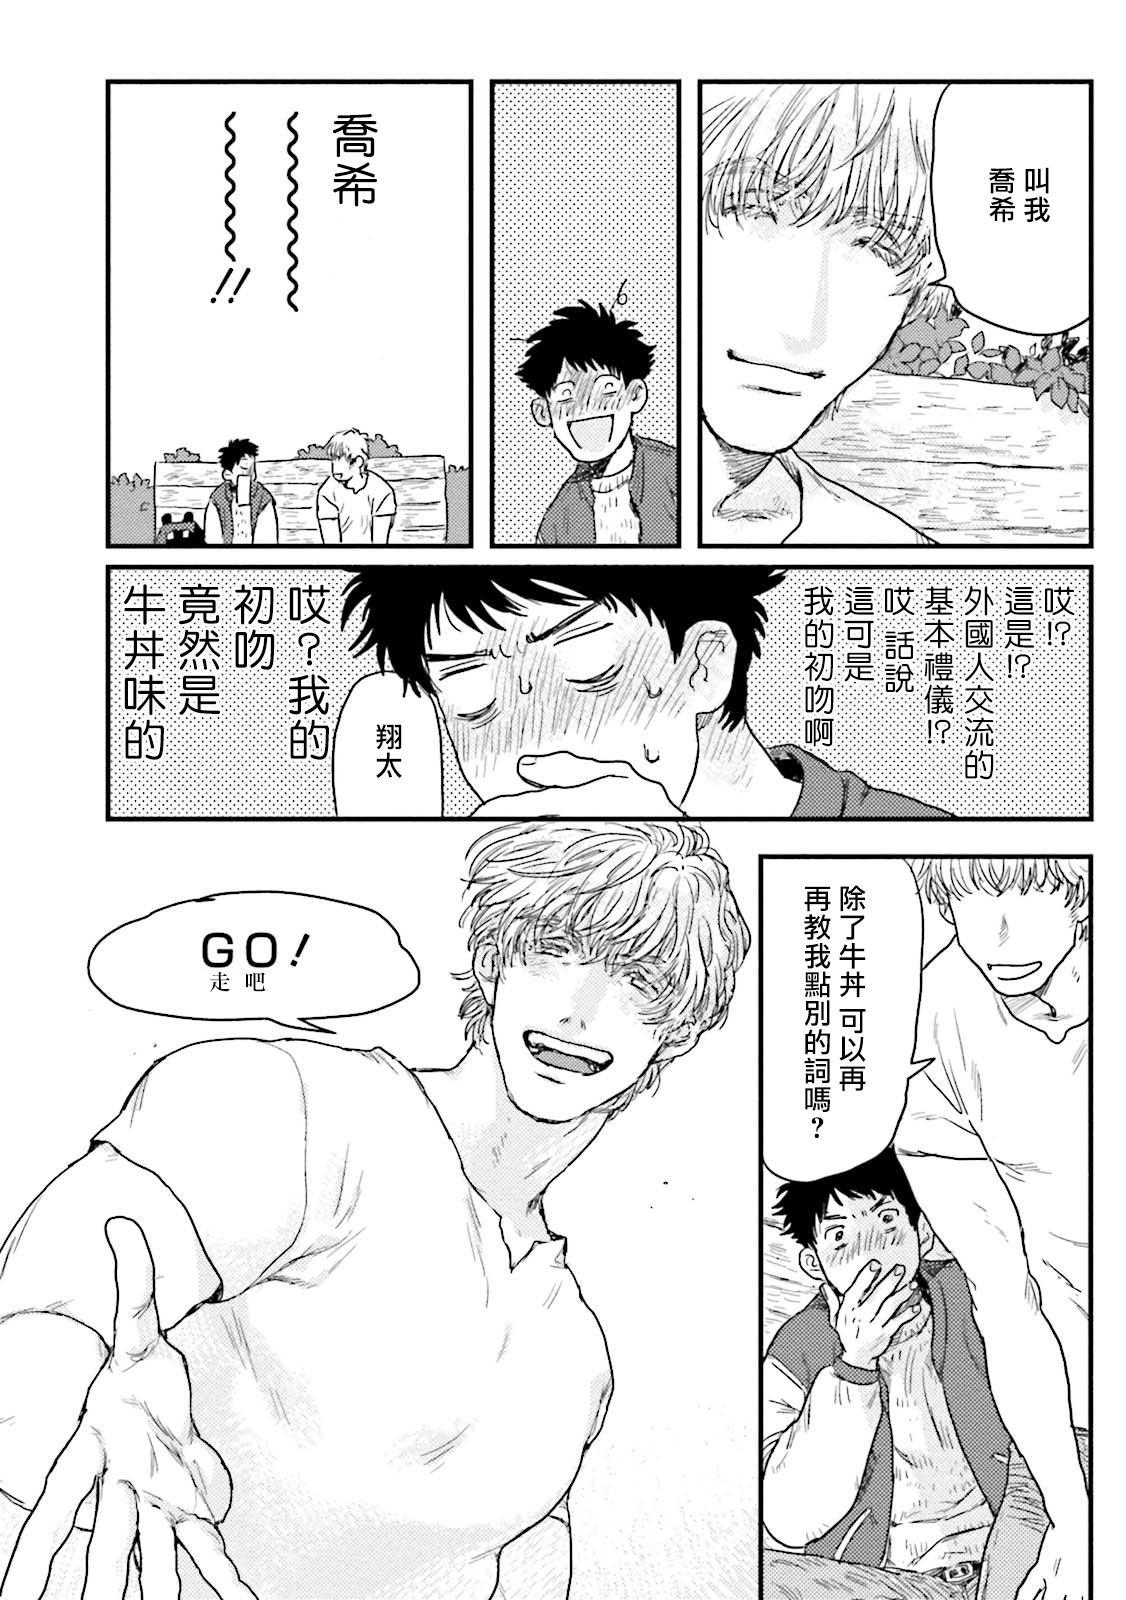 翔太、我爱你 01 Chinese 12